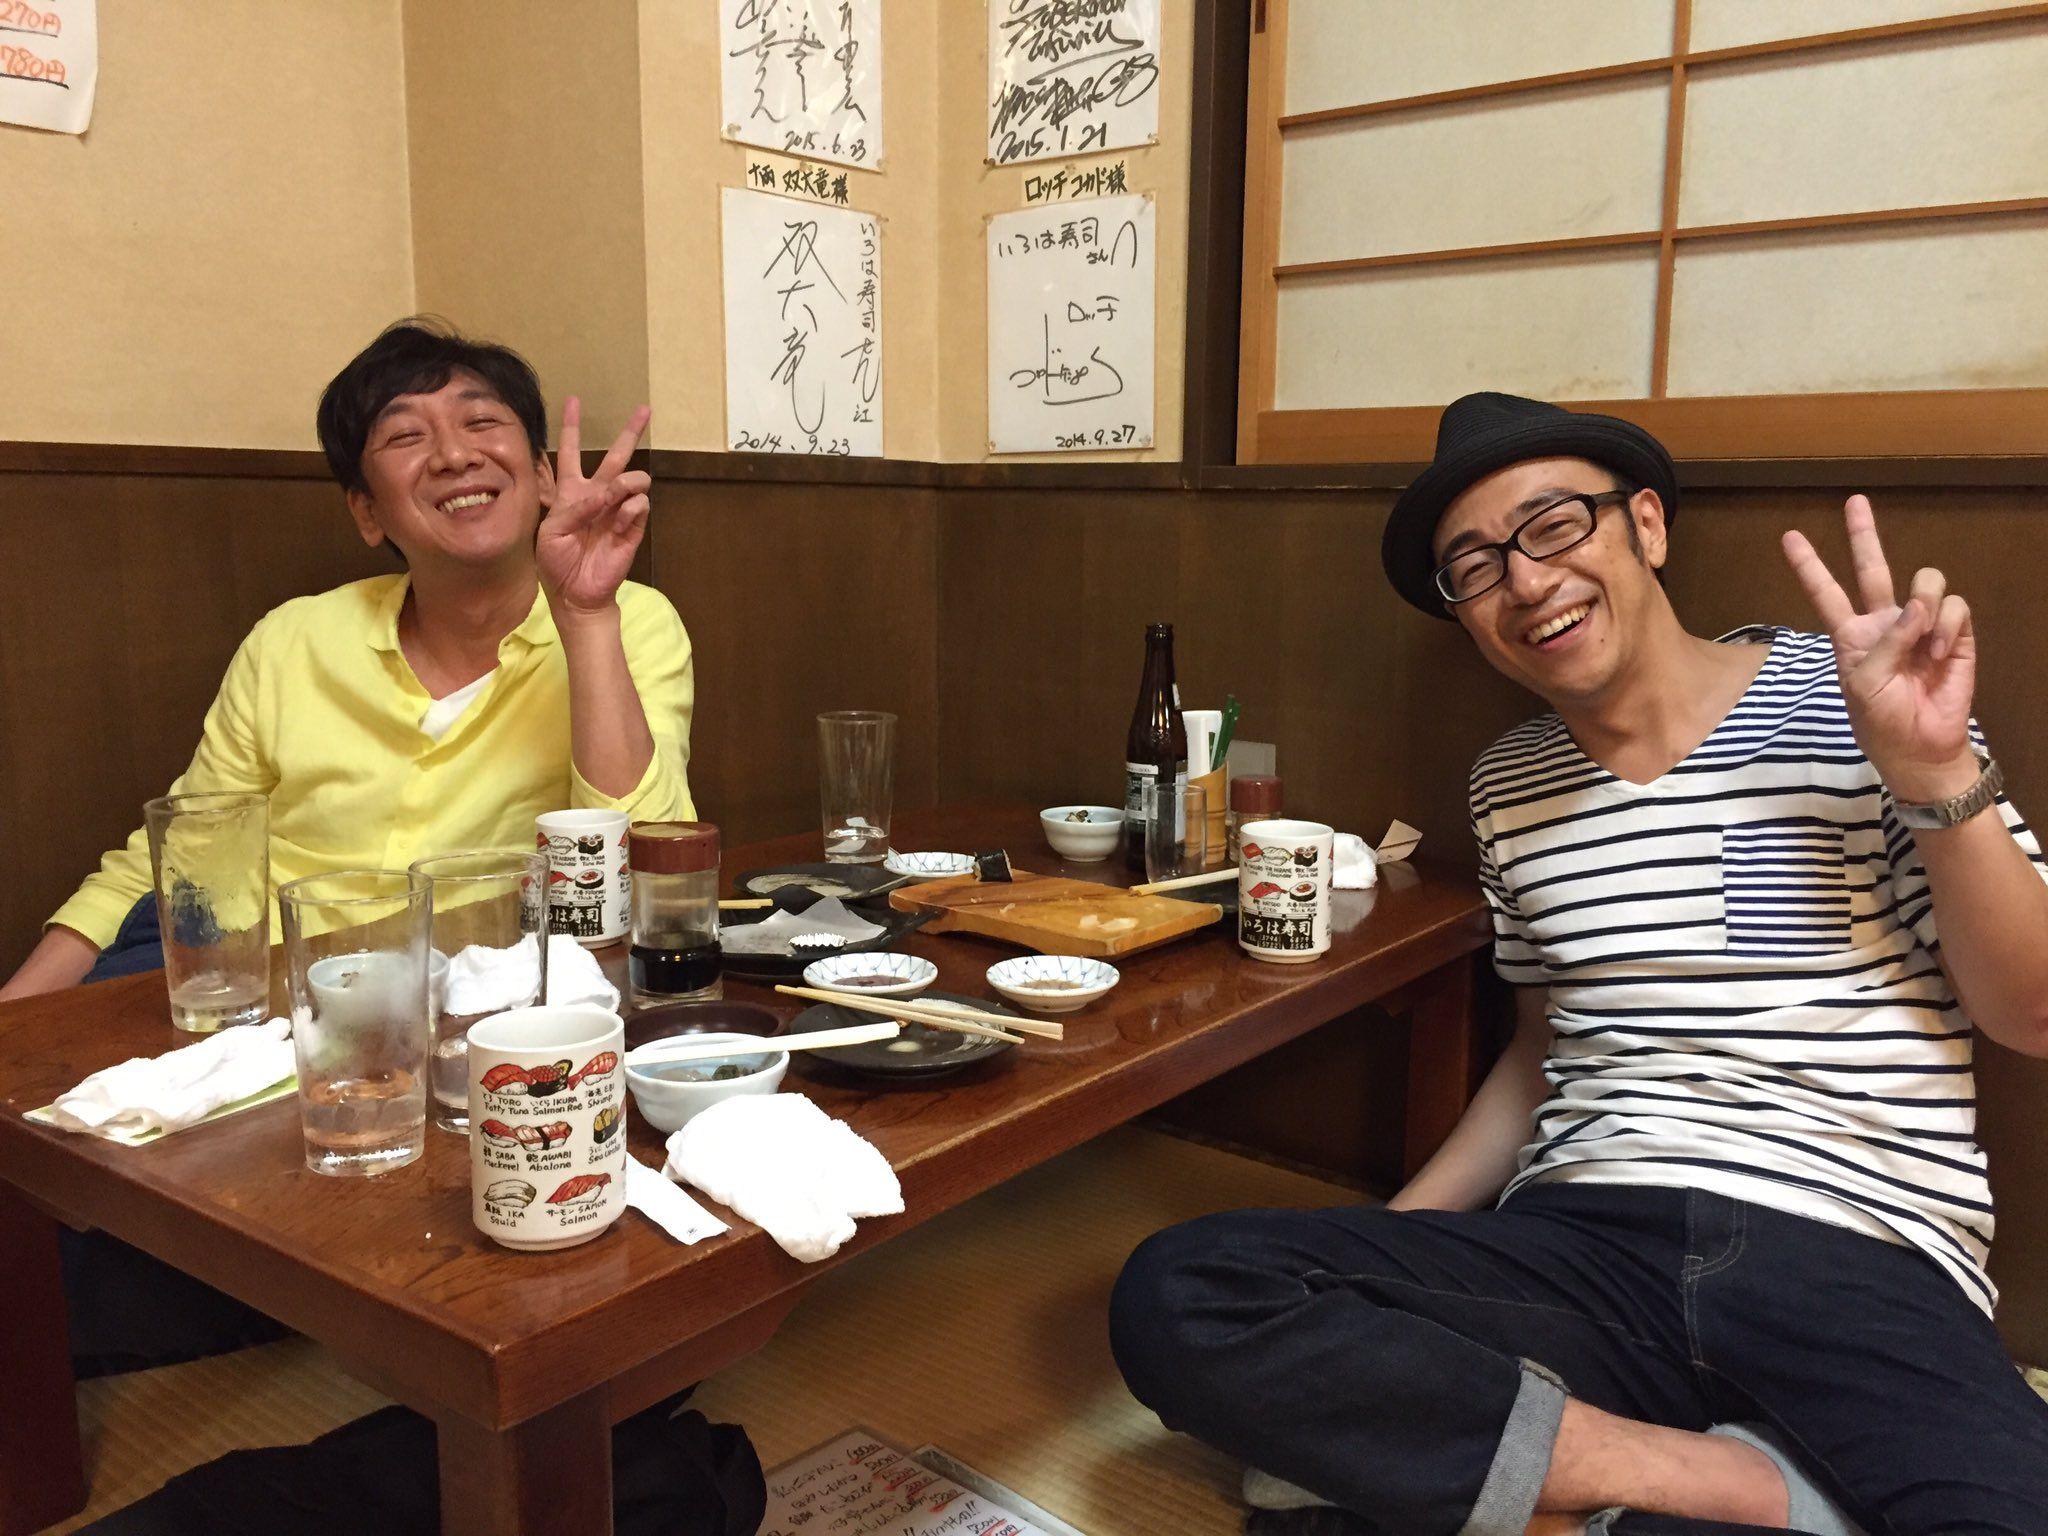 """トンツカタン 森本 on Twitter: """"昨日は東京03飯塚さんと角田さんに飲み連れてってもらいました!てっきりお笑いハーベスト大賞のこと祝ってくれるのかと思ったらほぼ『自分たちがお笑いホープ大賞を獲った時どれだけ嬉しかったか』という話で終わりました https://t.co/AIxZIZQnVH"""""""